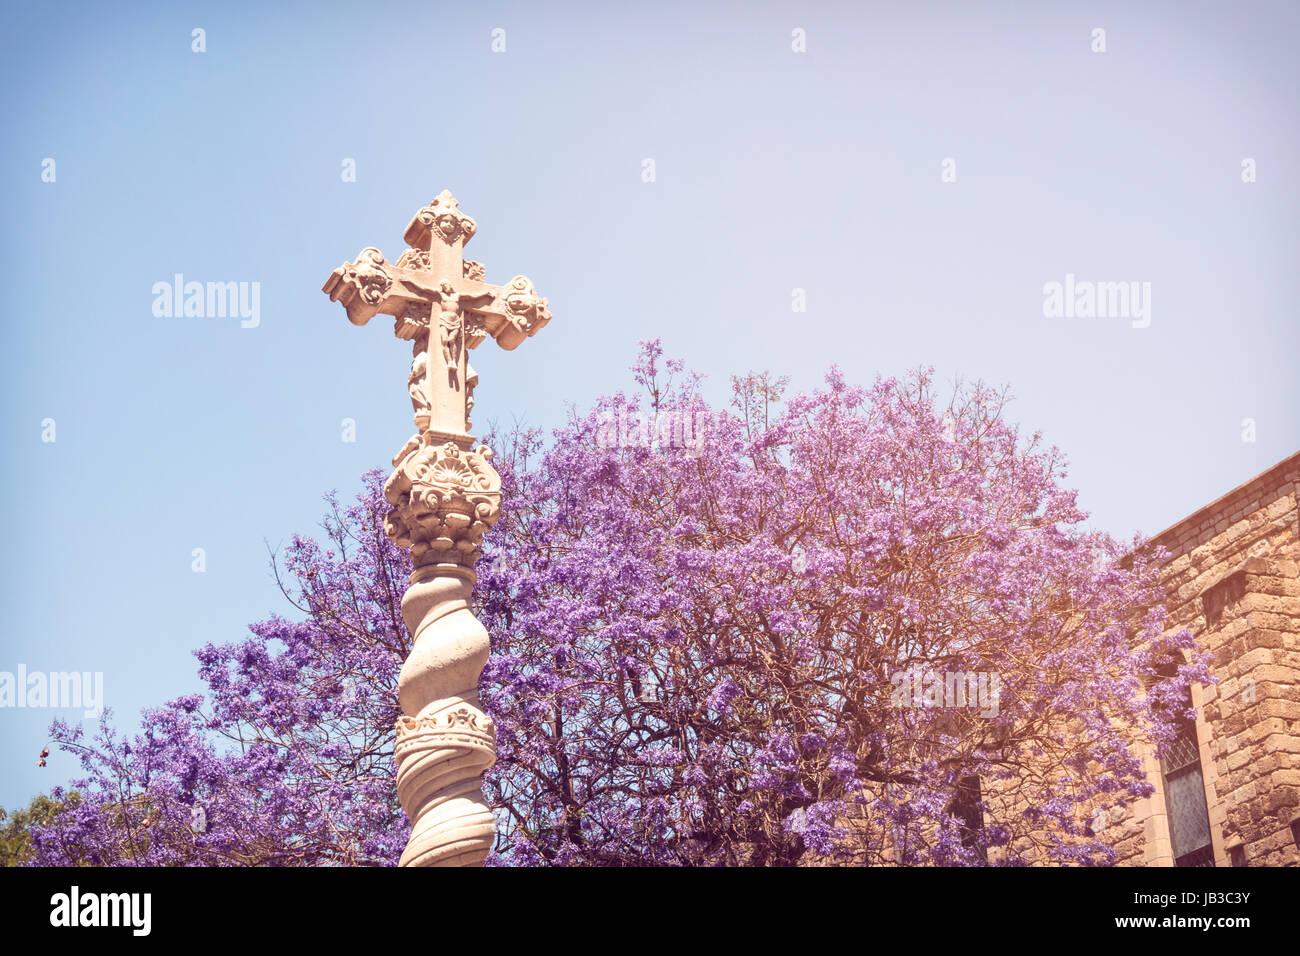 Heilig-Kreuz-Statue aufgestellt innen das alte Krankenhausgebäude im Raval, Barcelona, Spanien. Stockbild